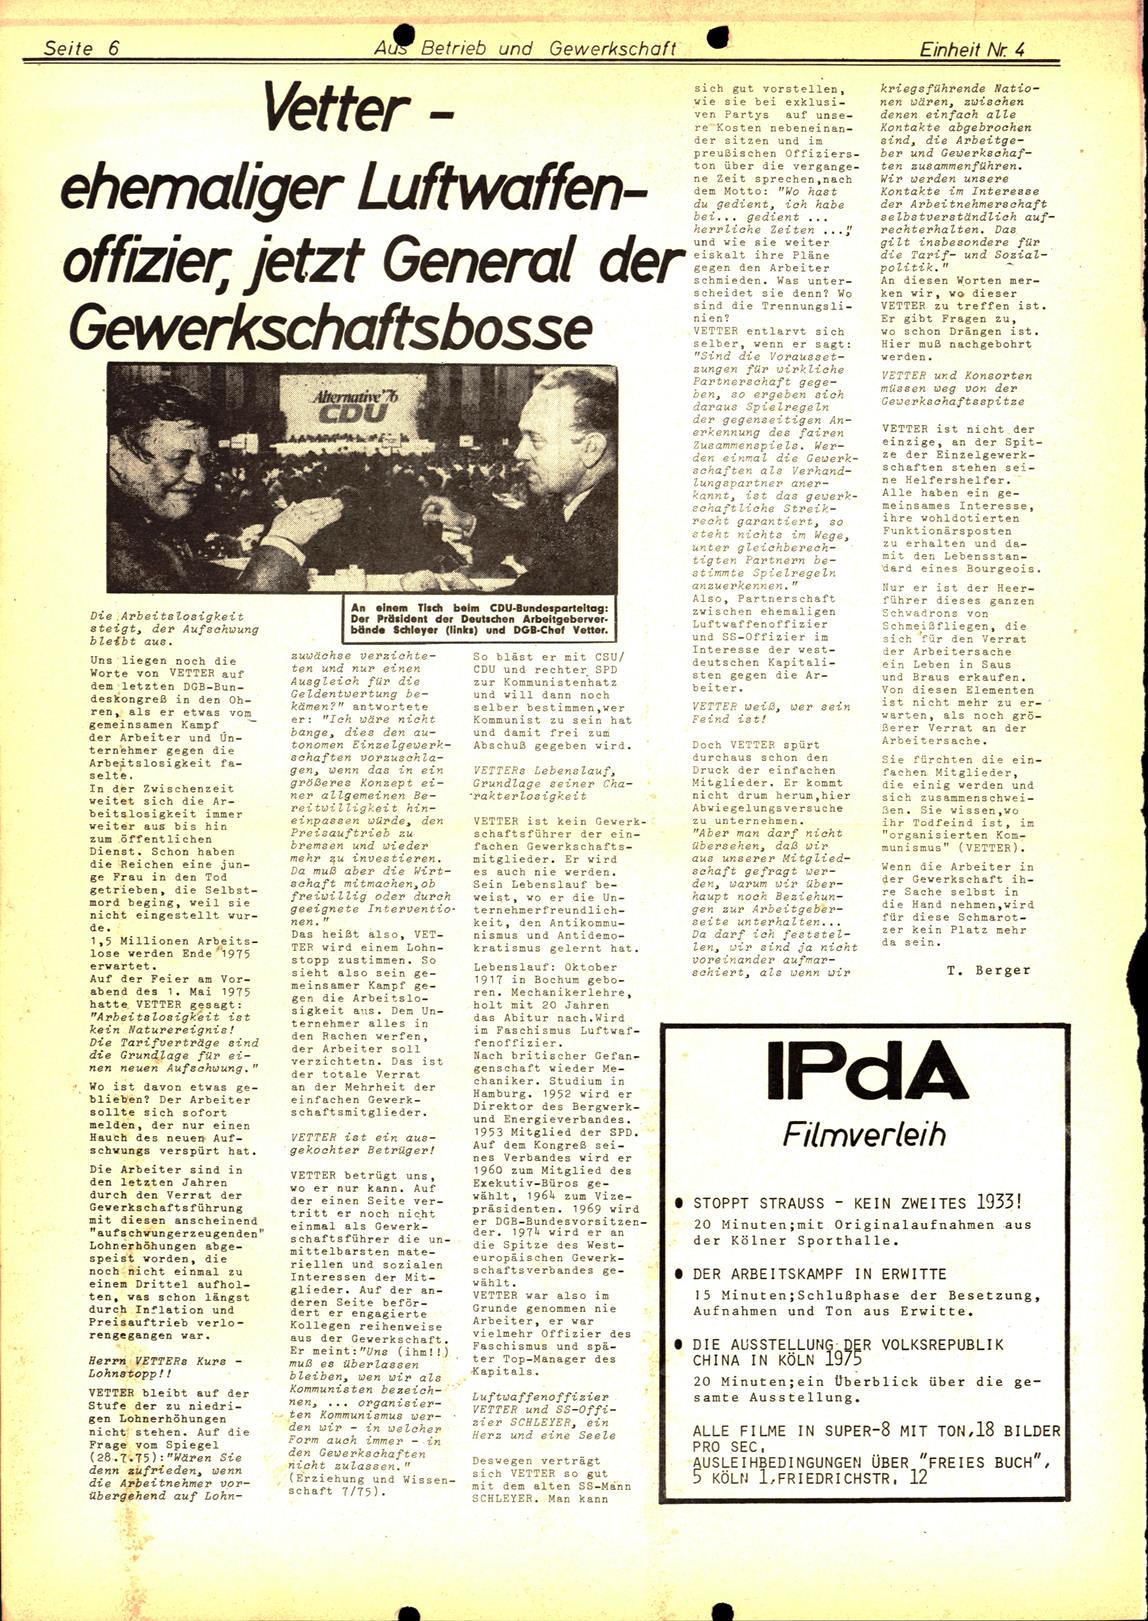 Koeln_IPdA_Einheit_1975_004_006